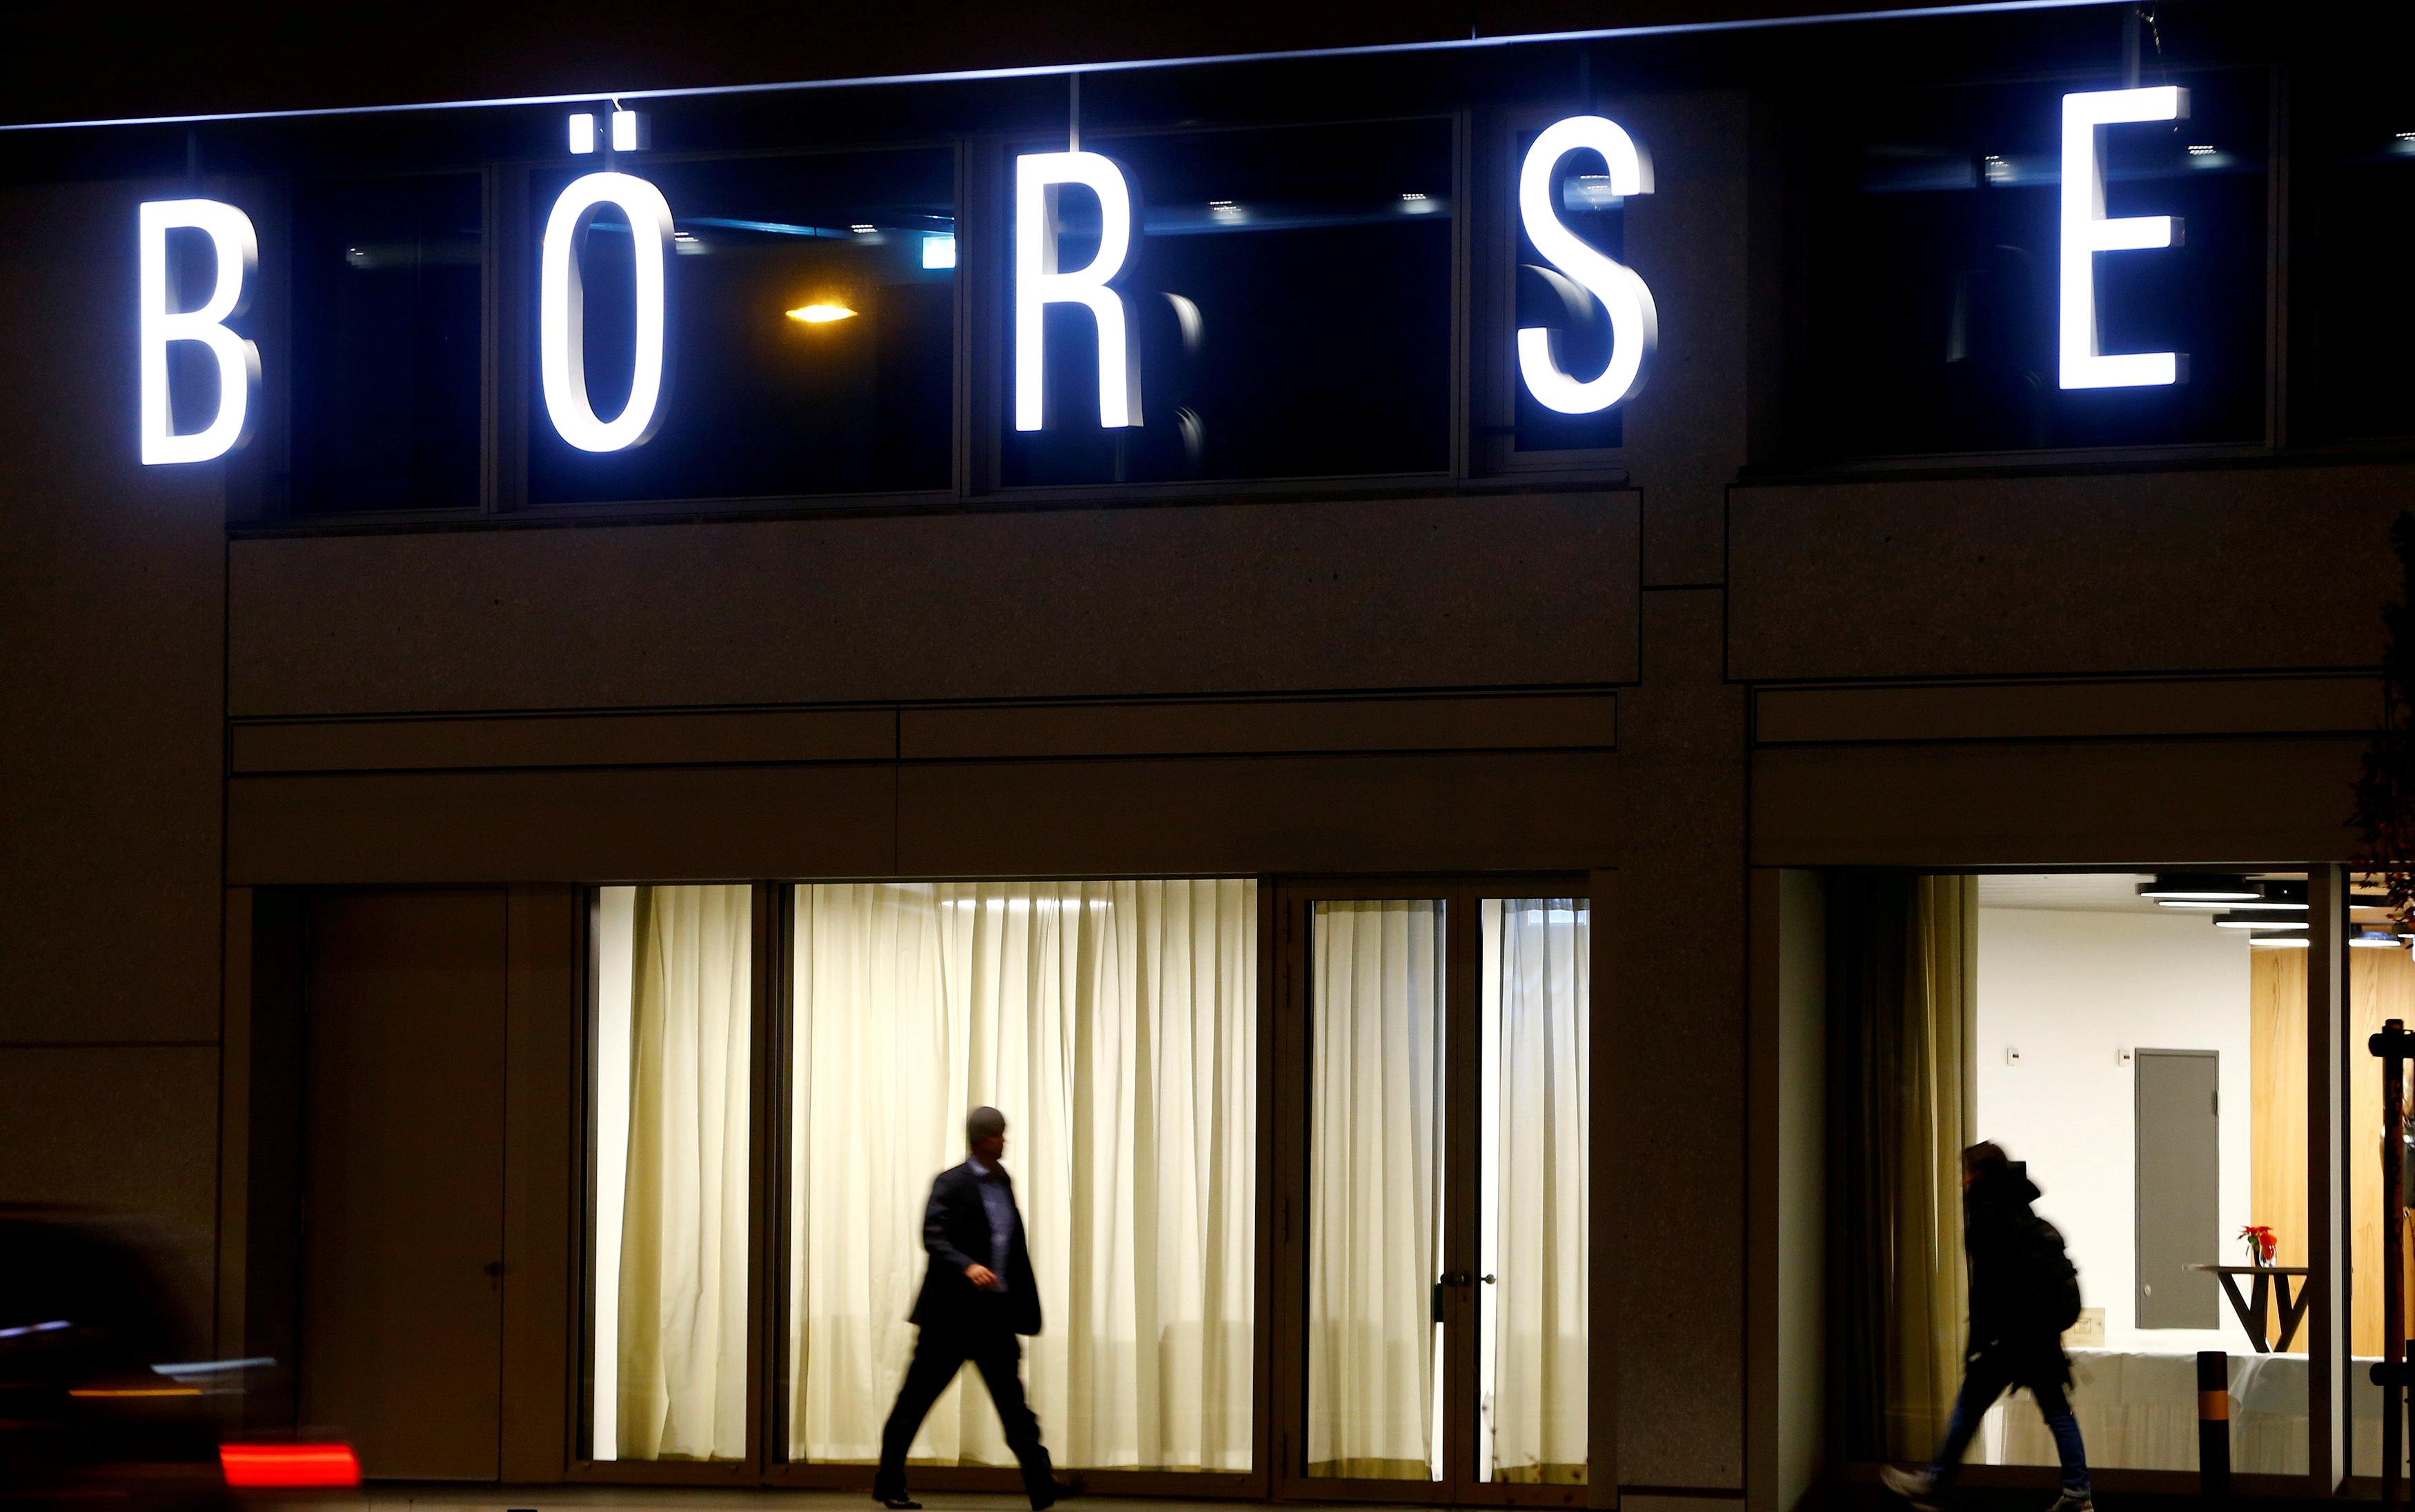 A man walks under the illuminated word